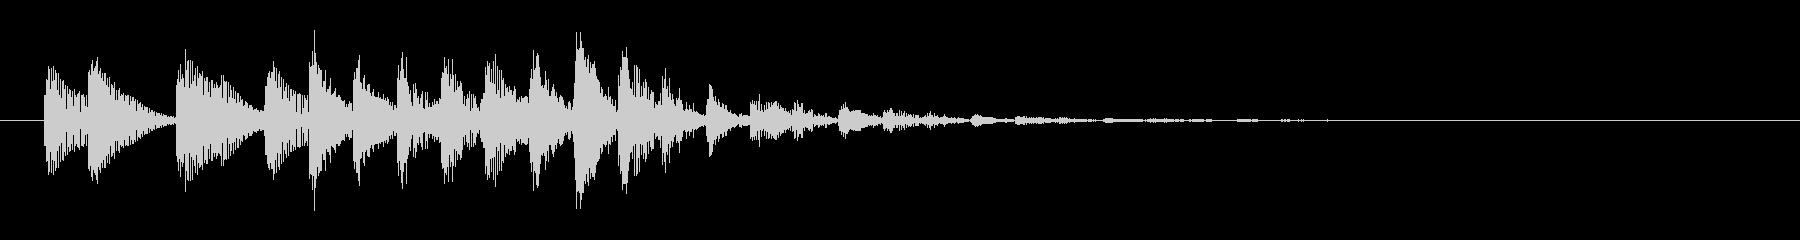 パーカッシブなシンセベースのサウンドロゴの未再生の波形